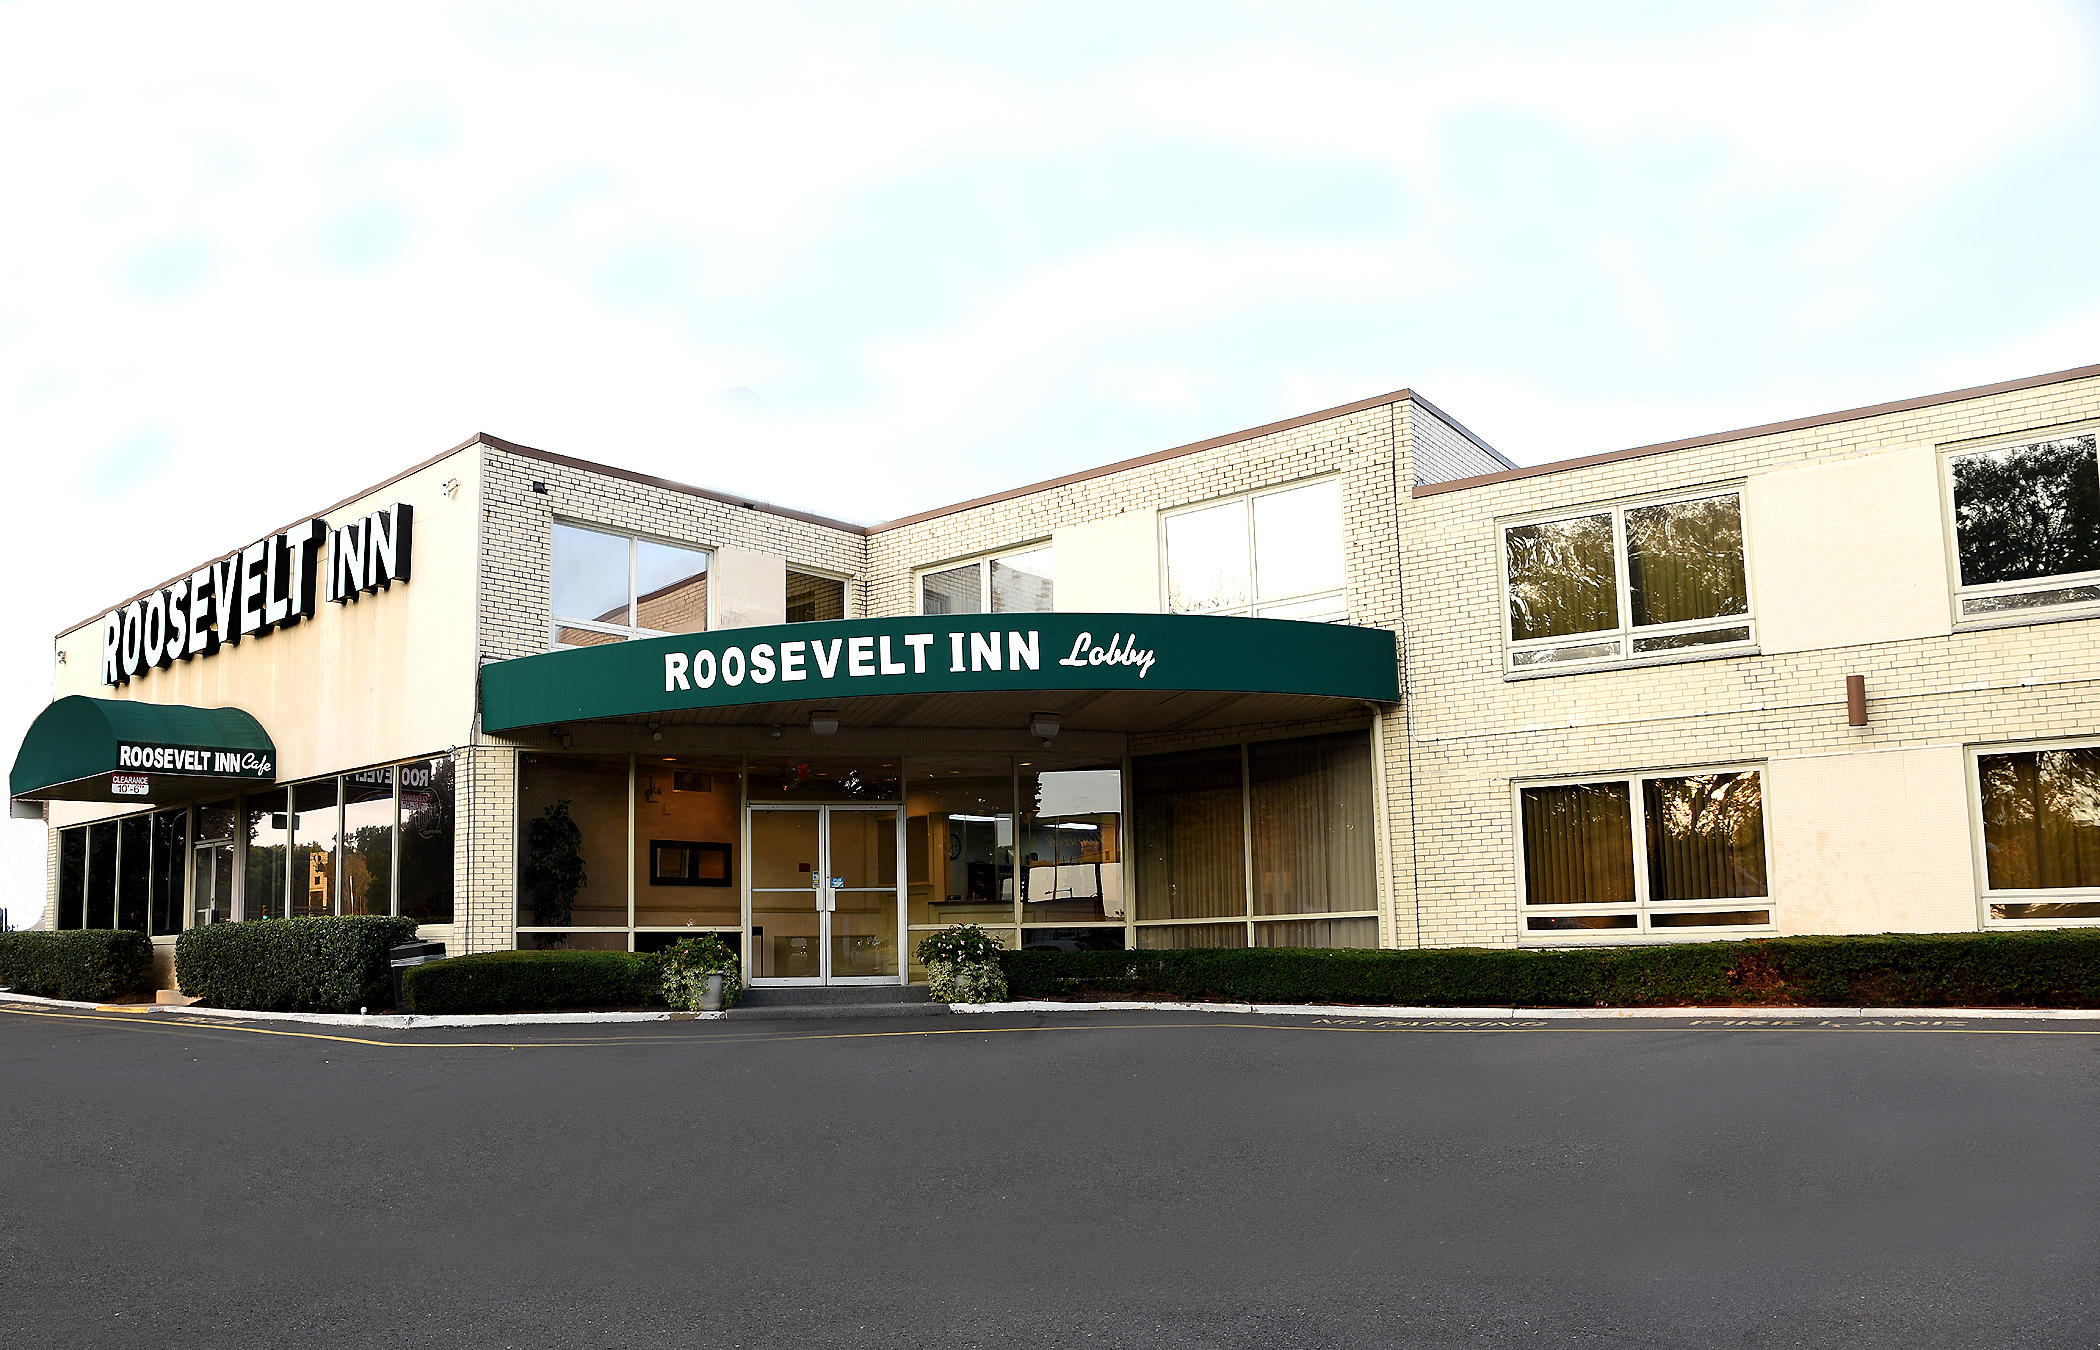 roosevelt inn at 7600 roosevelt boulevard philadelphia